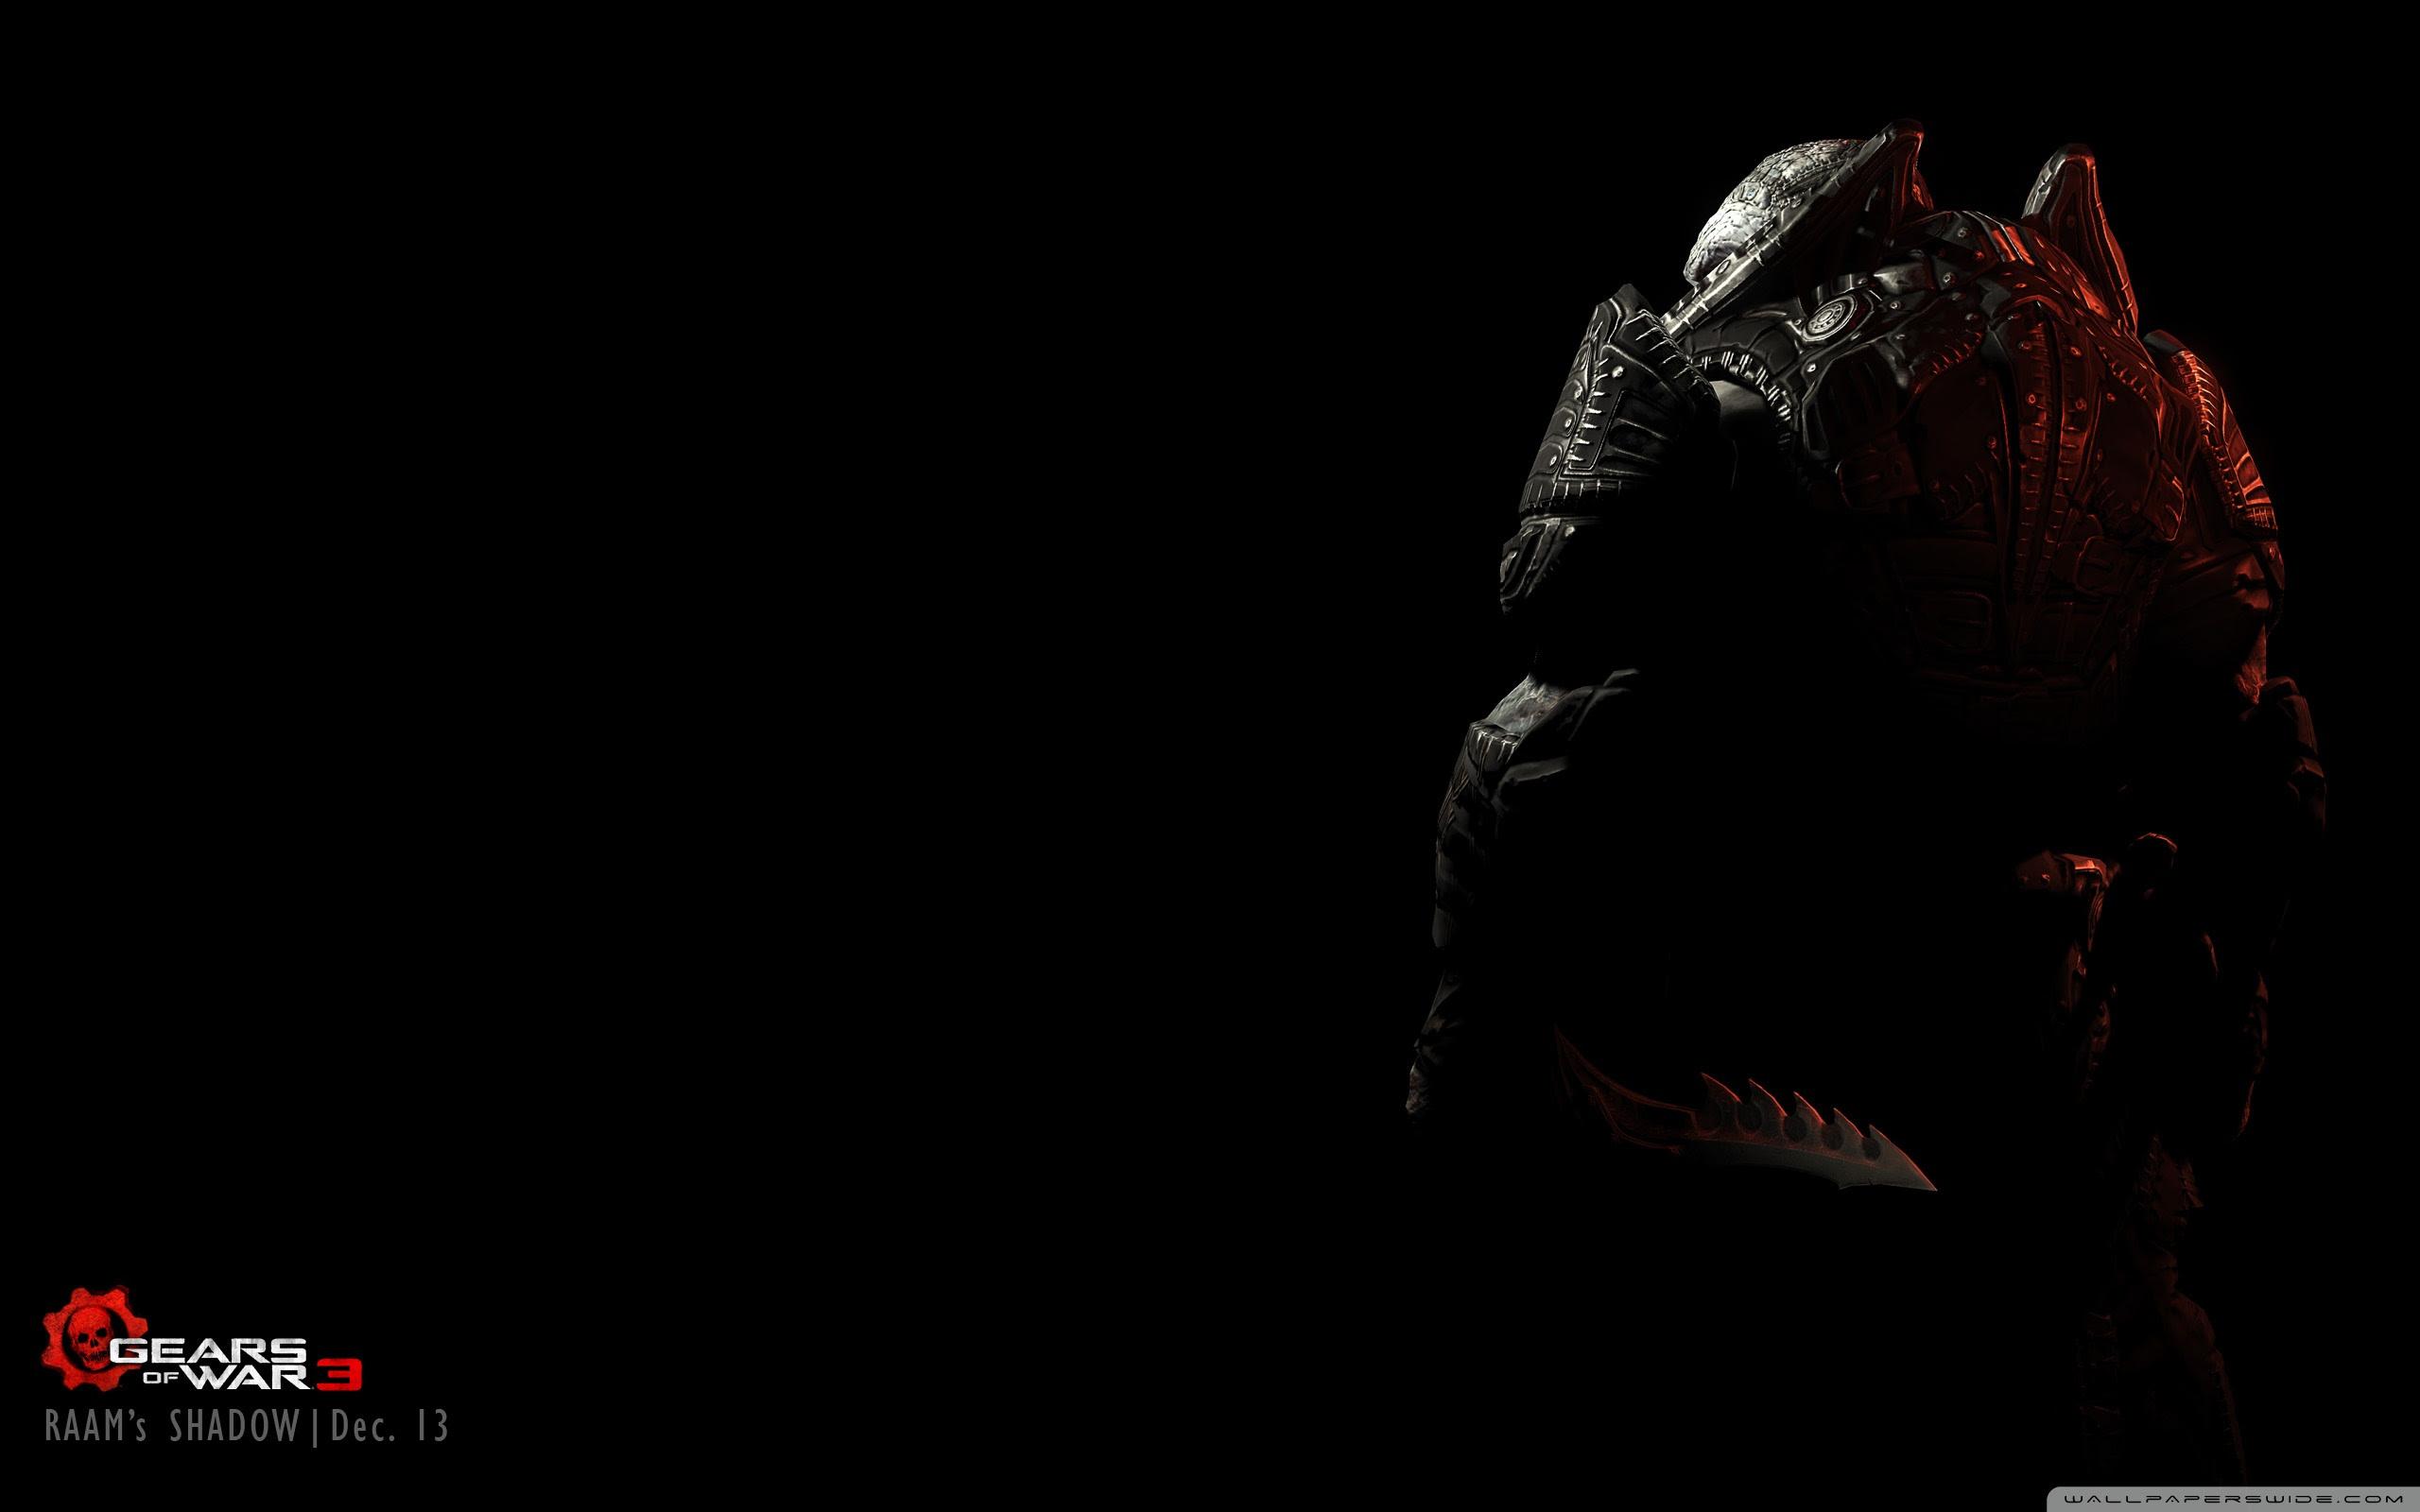 Gears Of War 3 Raam S Shadow Ultra Hd Desktop Background Wallpaper